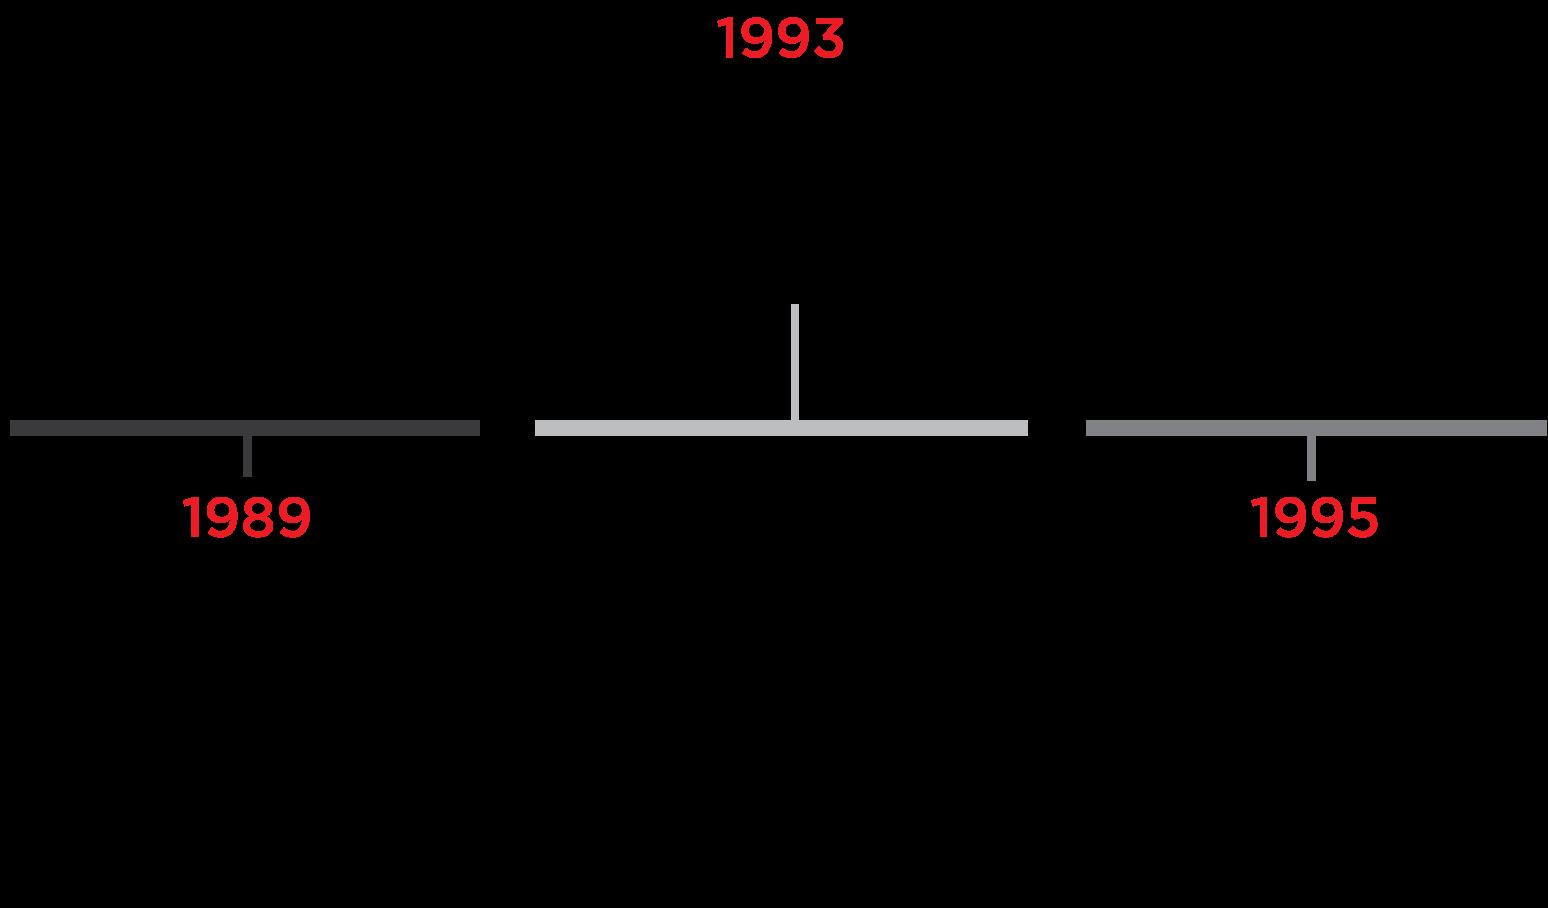 Timeline A